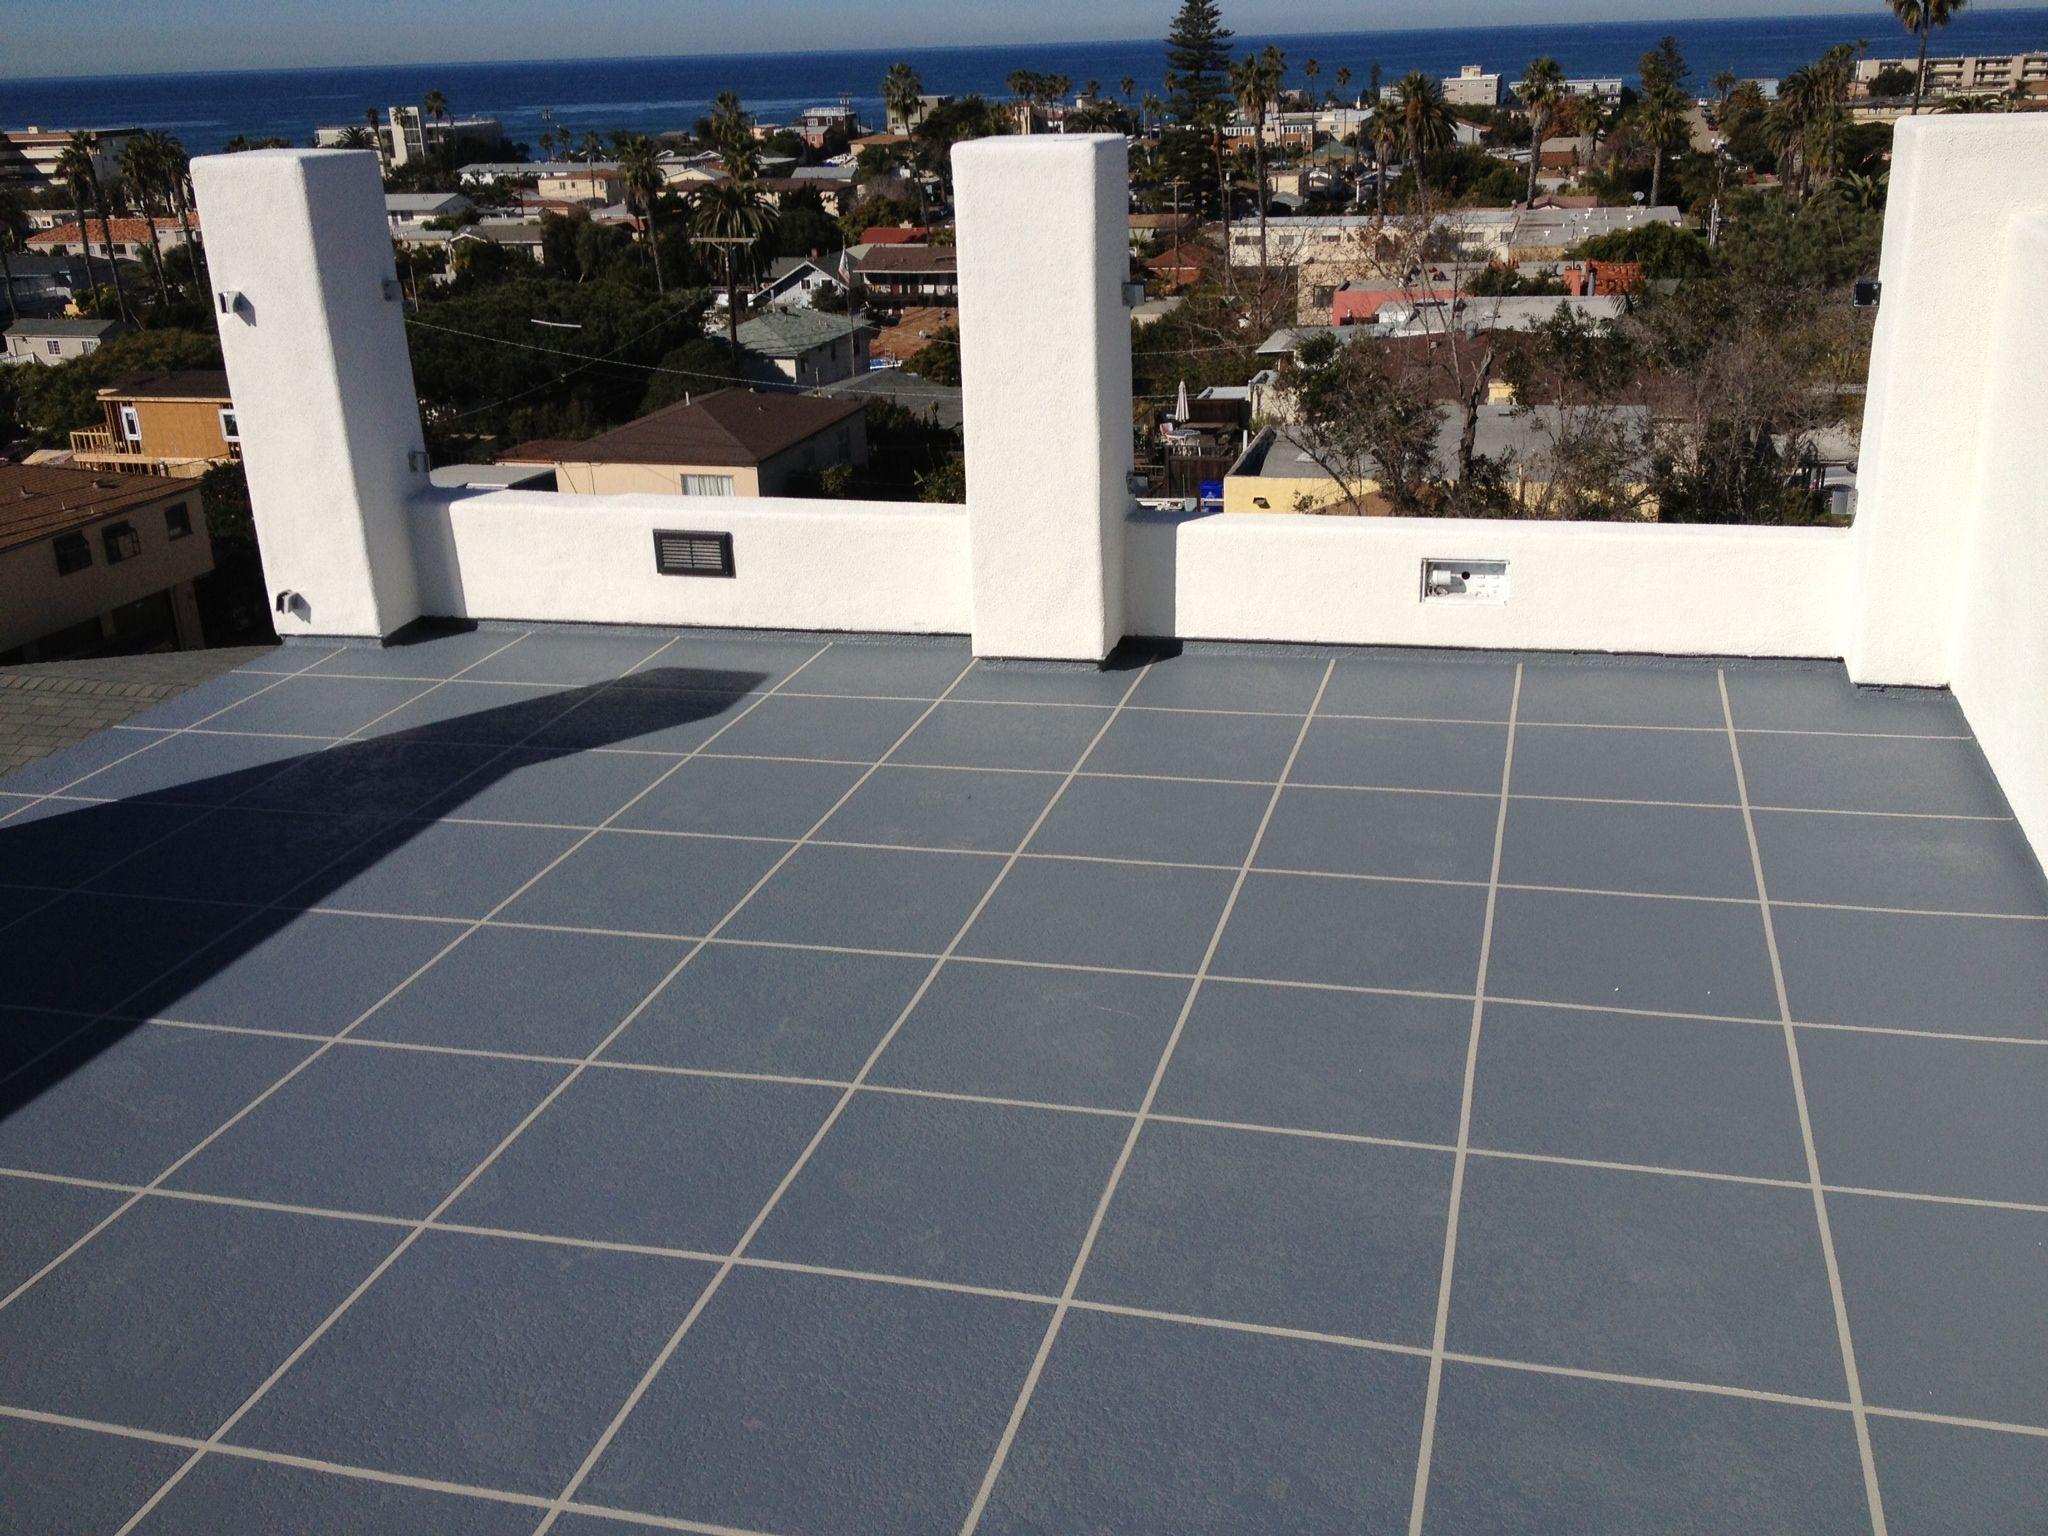 Condominium Roof Deck In San Diego Ca 92107 Simulated Tile Pattern Roof Deck Waterproofing Deckcoating Wicr Roofdec Roof Deck Condominium Tile Patterns